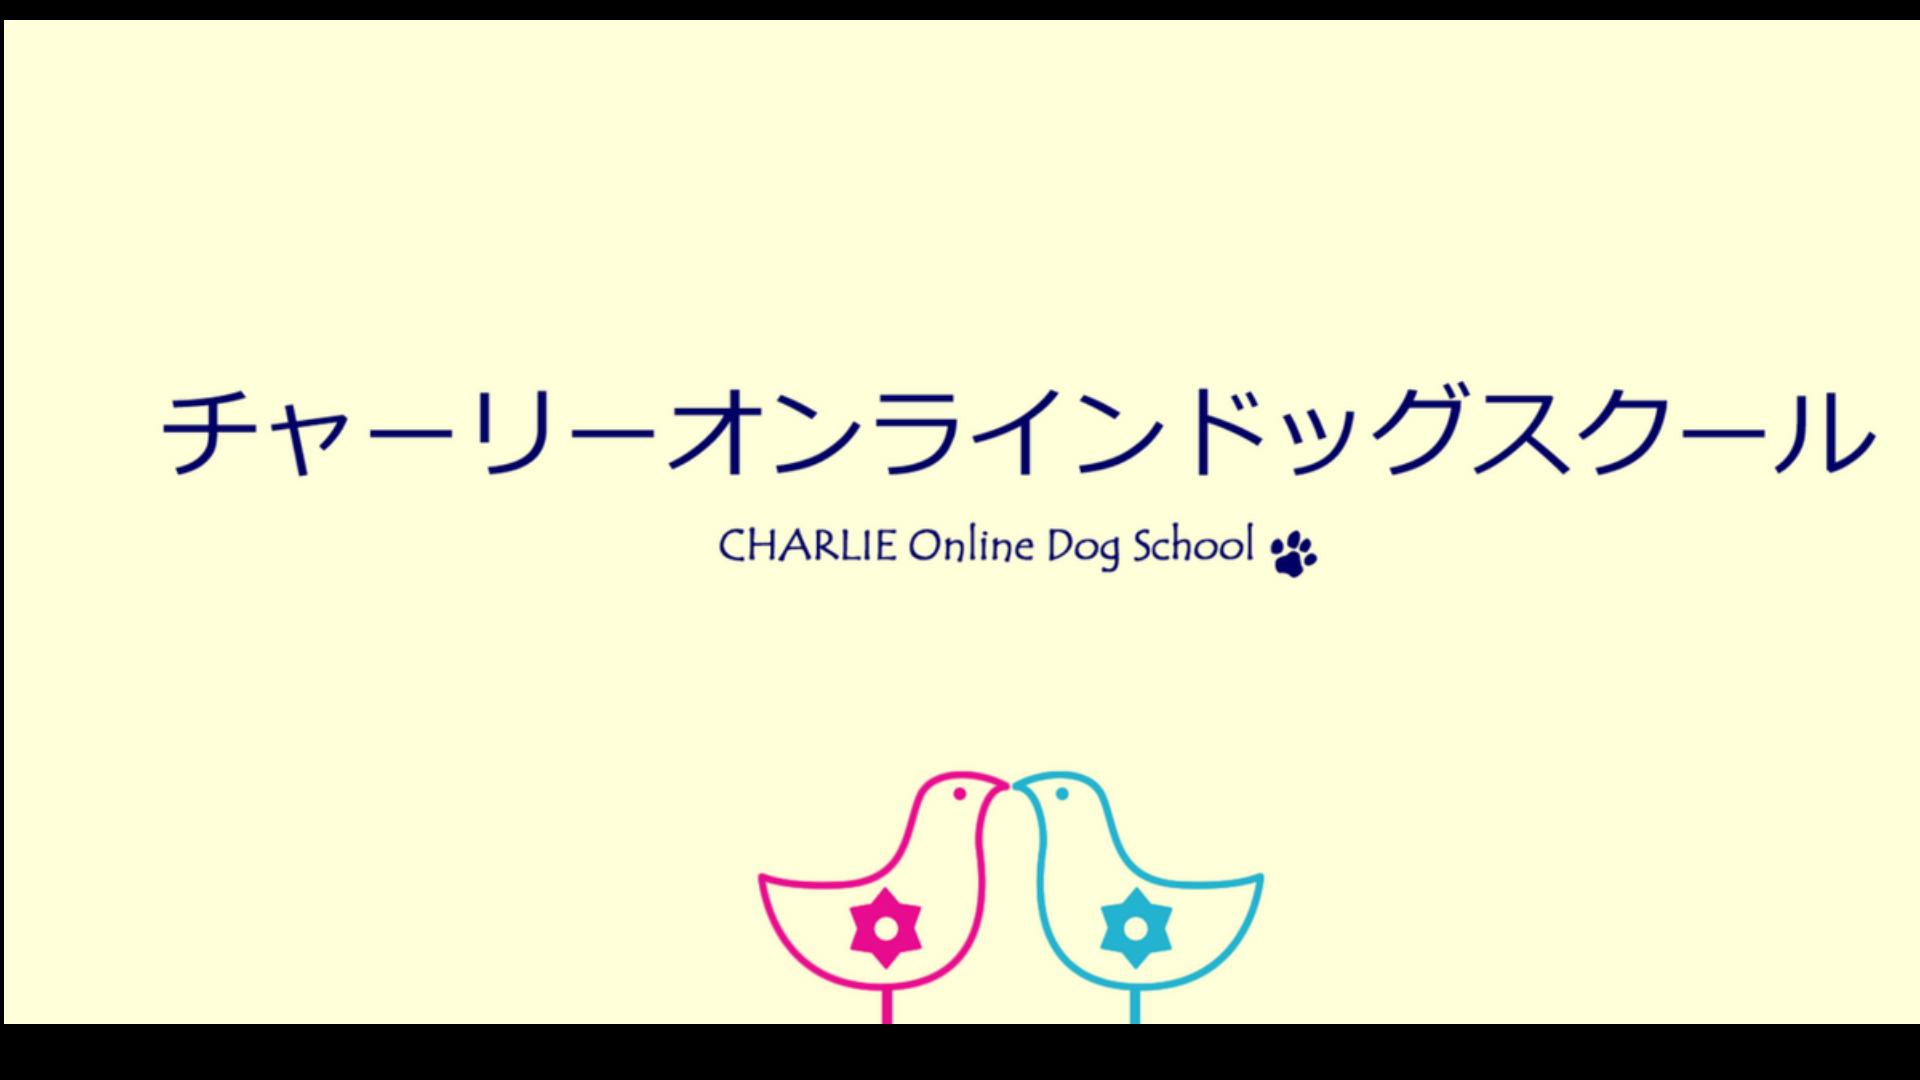 夏目真利子 - チャーリーオンラインドッグスクール - DMM オンラインサロン